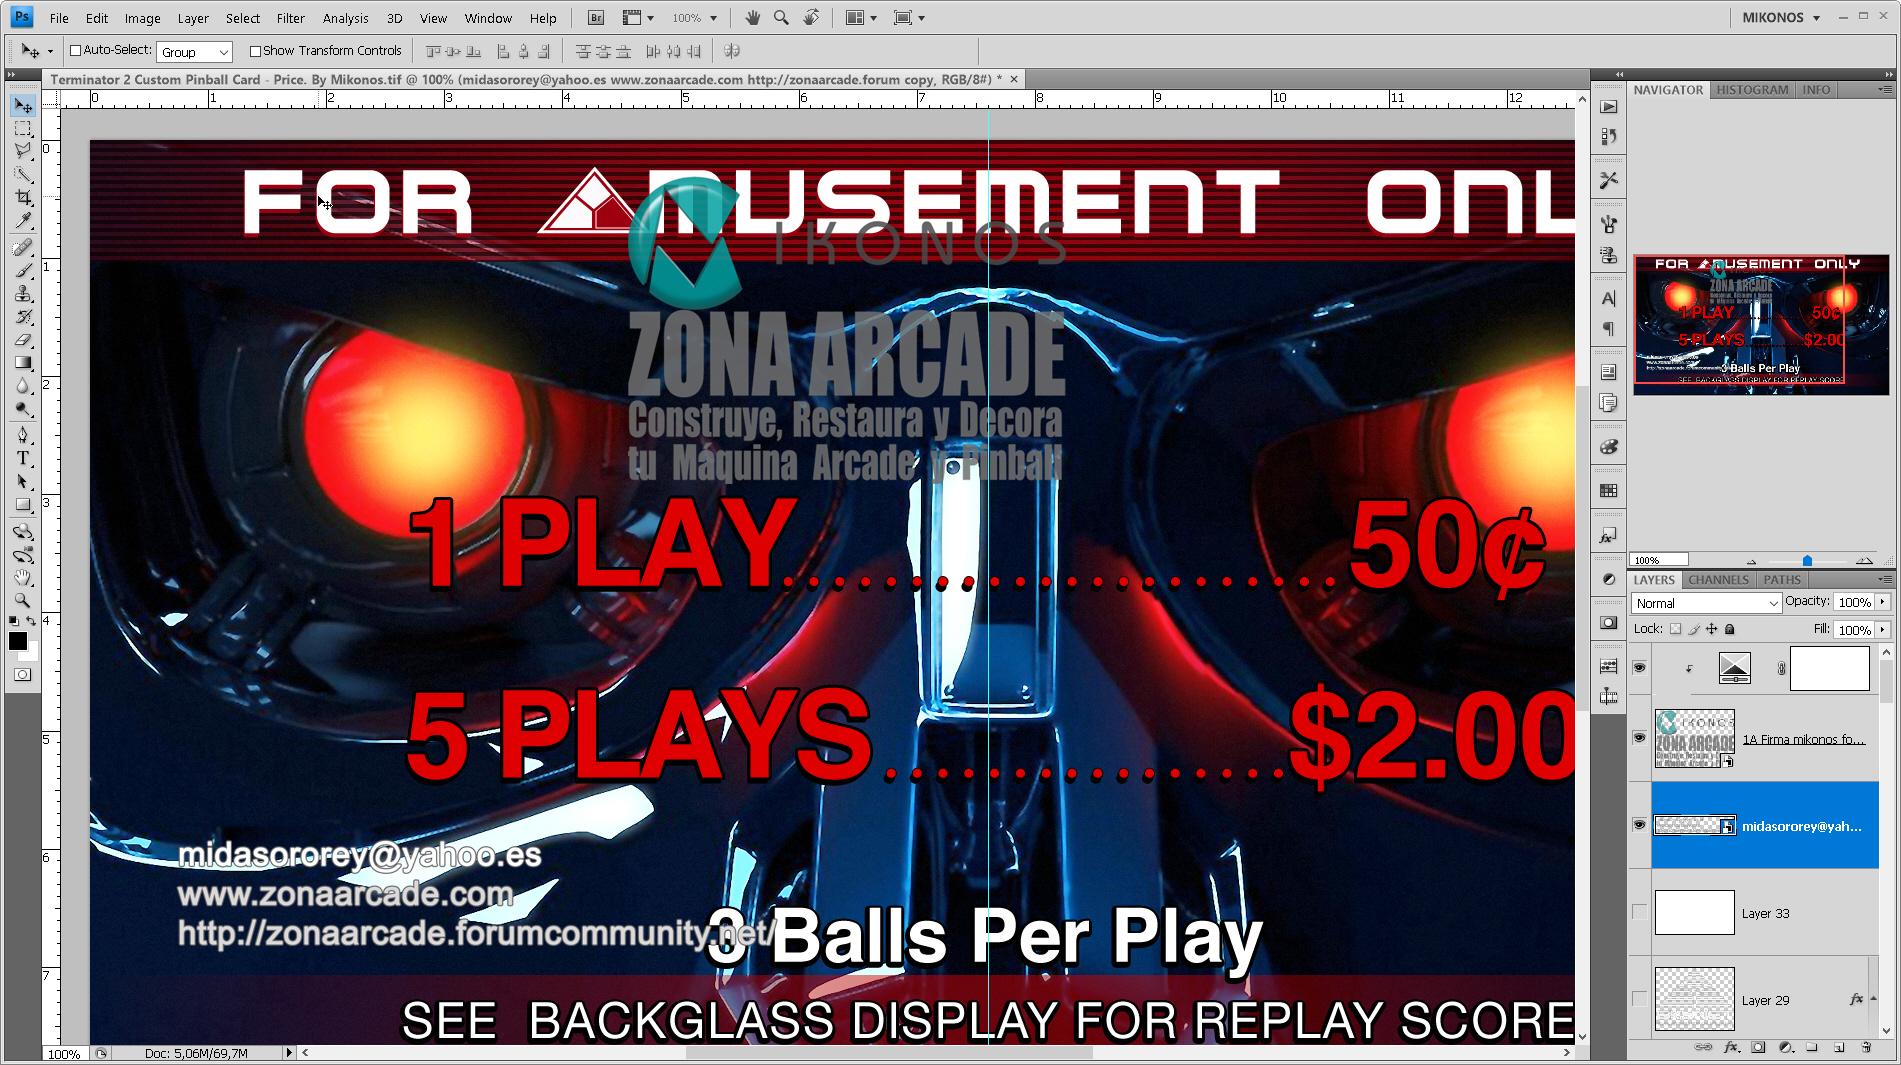 Terminator%202%20Custom%20Pinball%20Card%20-%20Price.%20Mikonos2.jpg